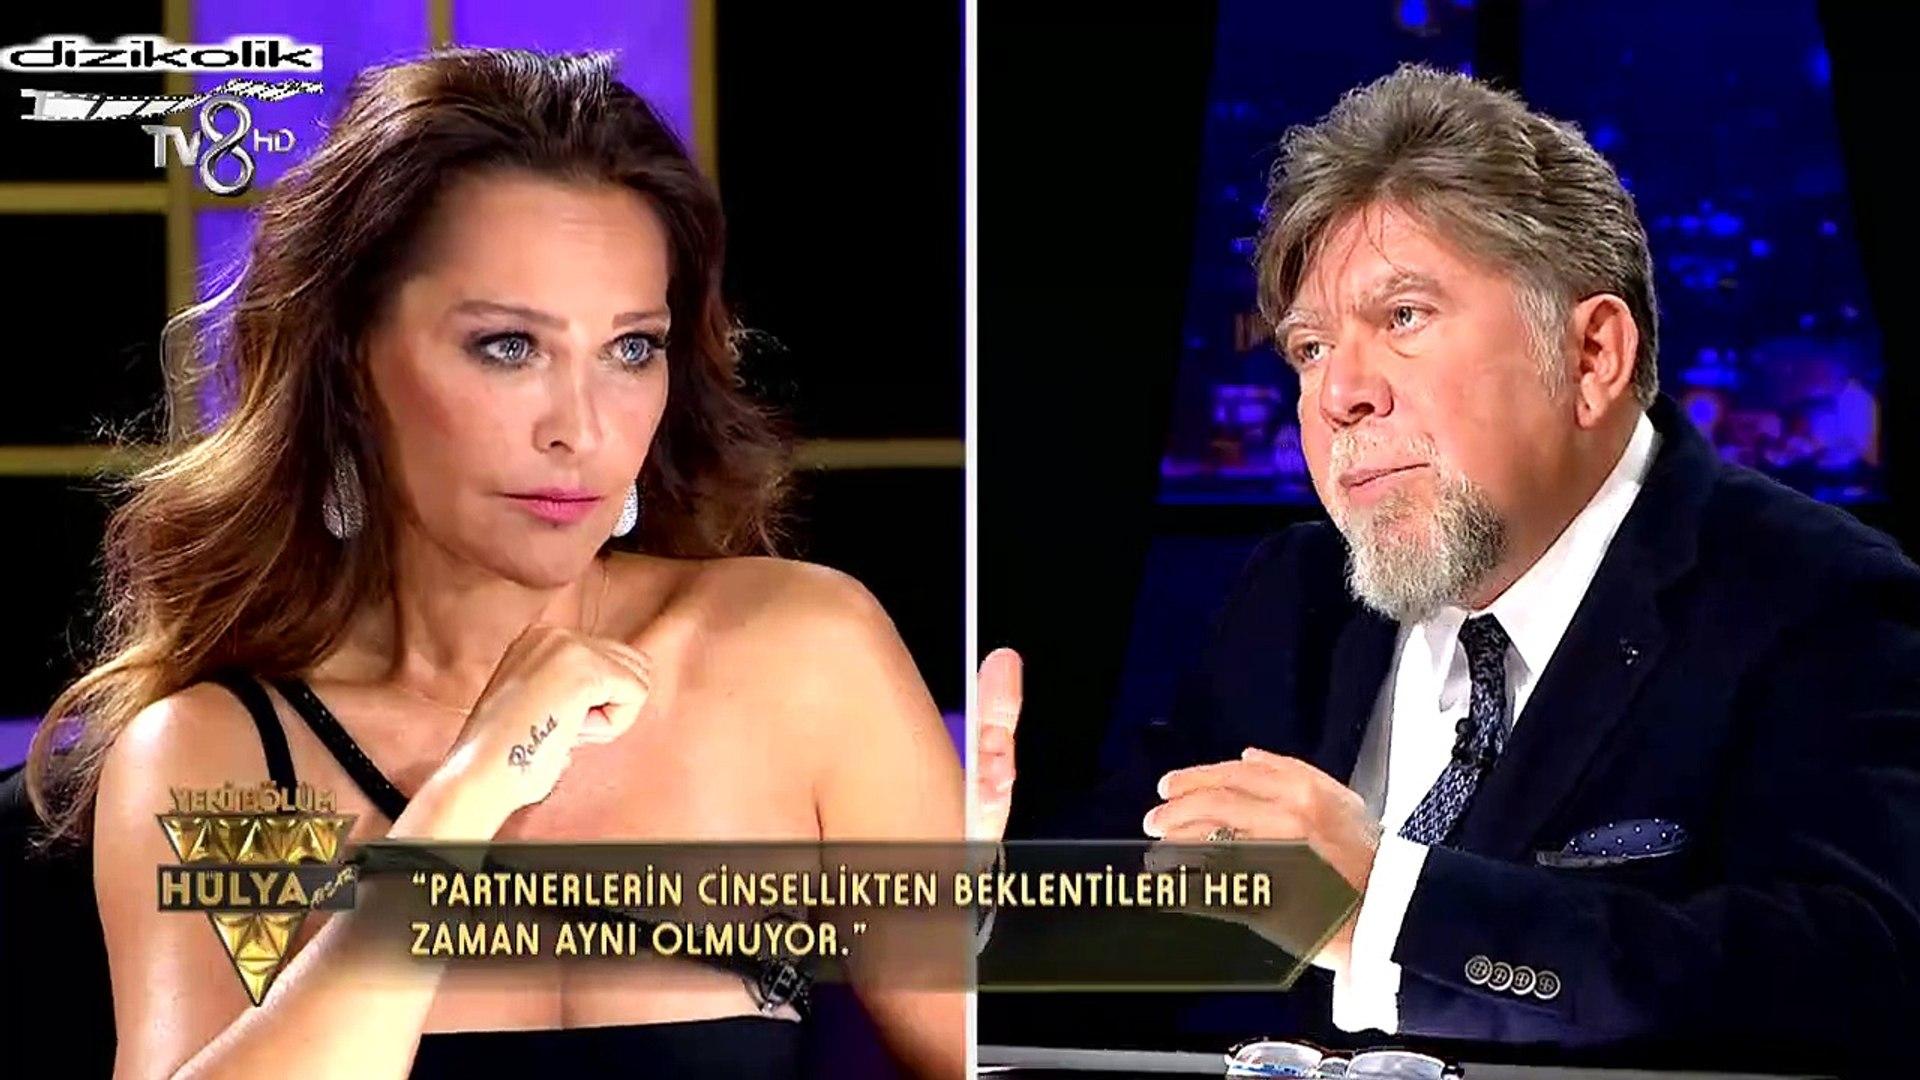 Hülya Avşar Show 21 Mayıs 2015 720p izle TEK PARÇA